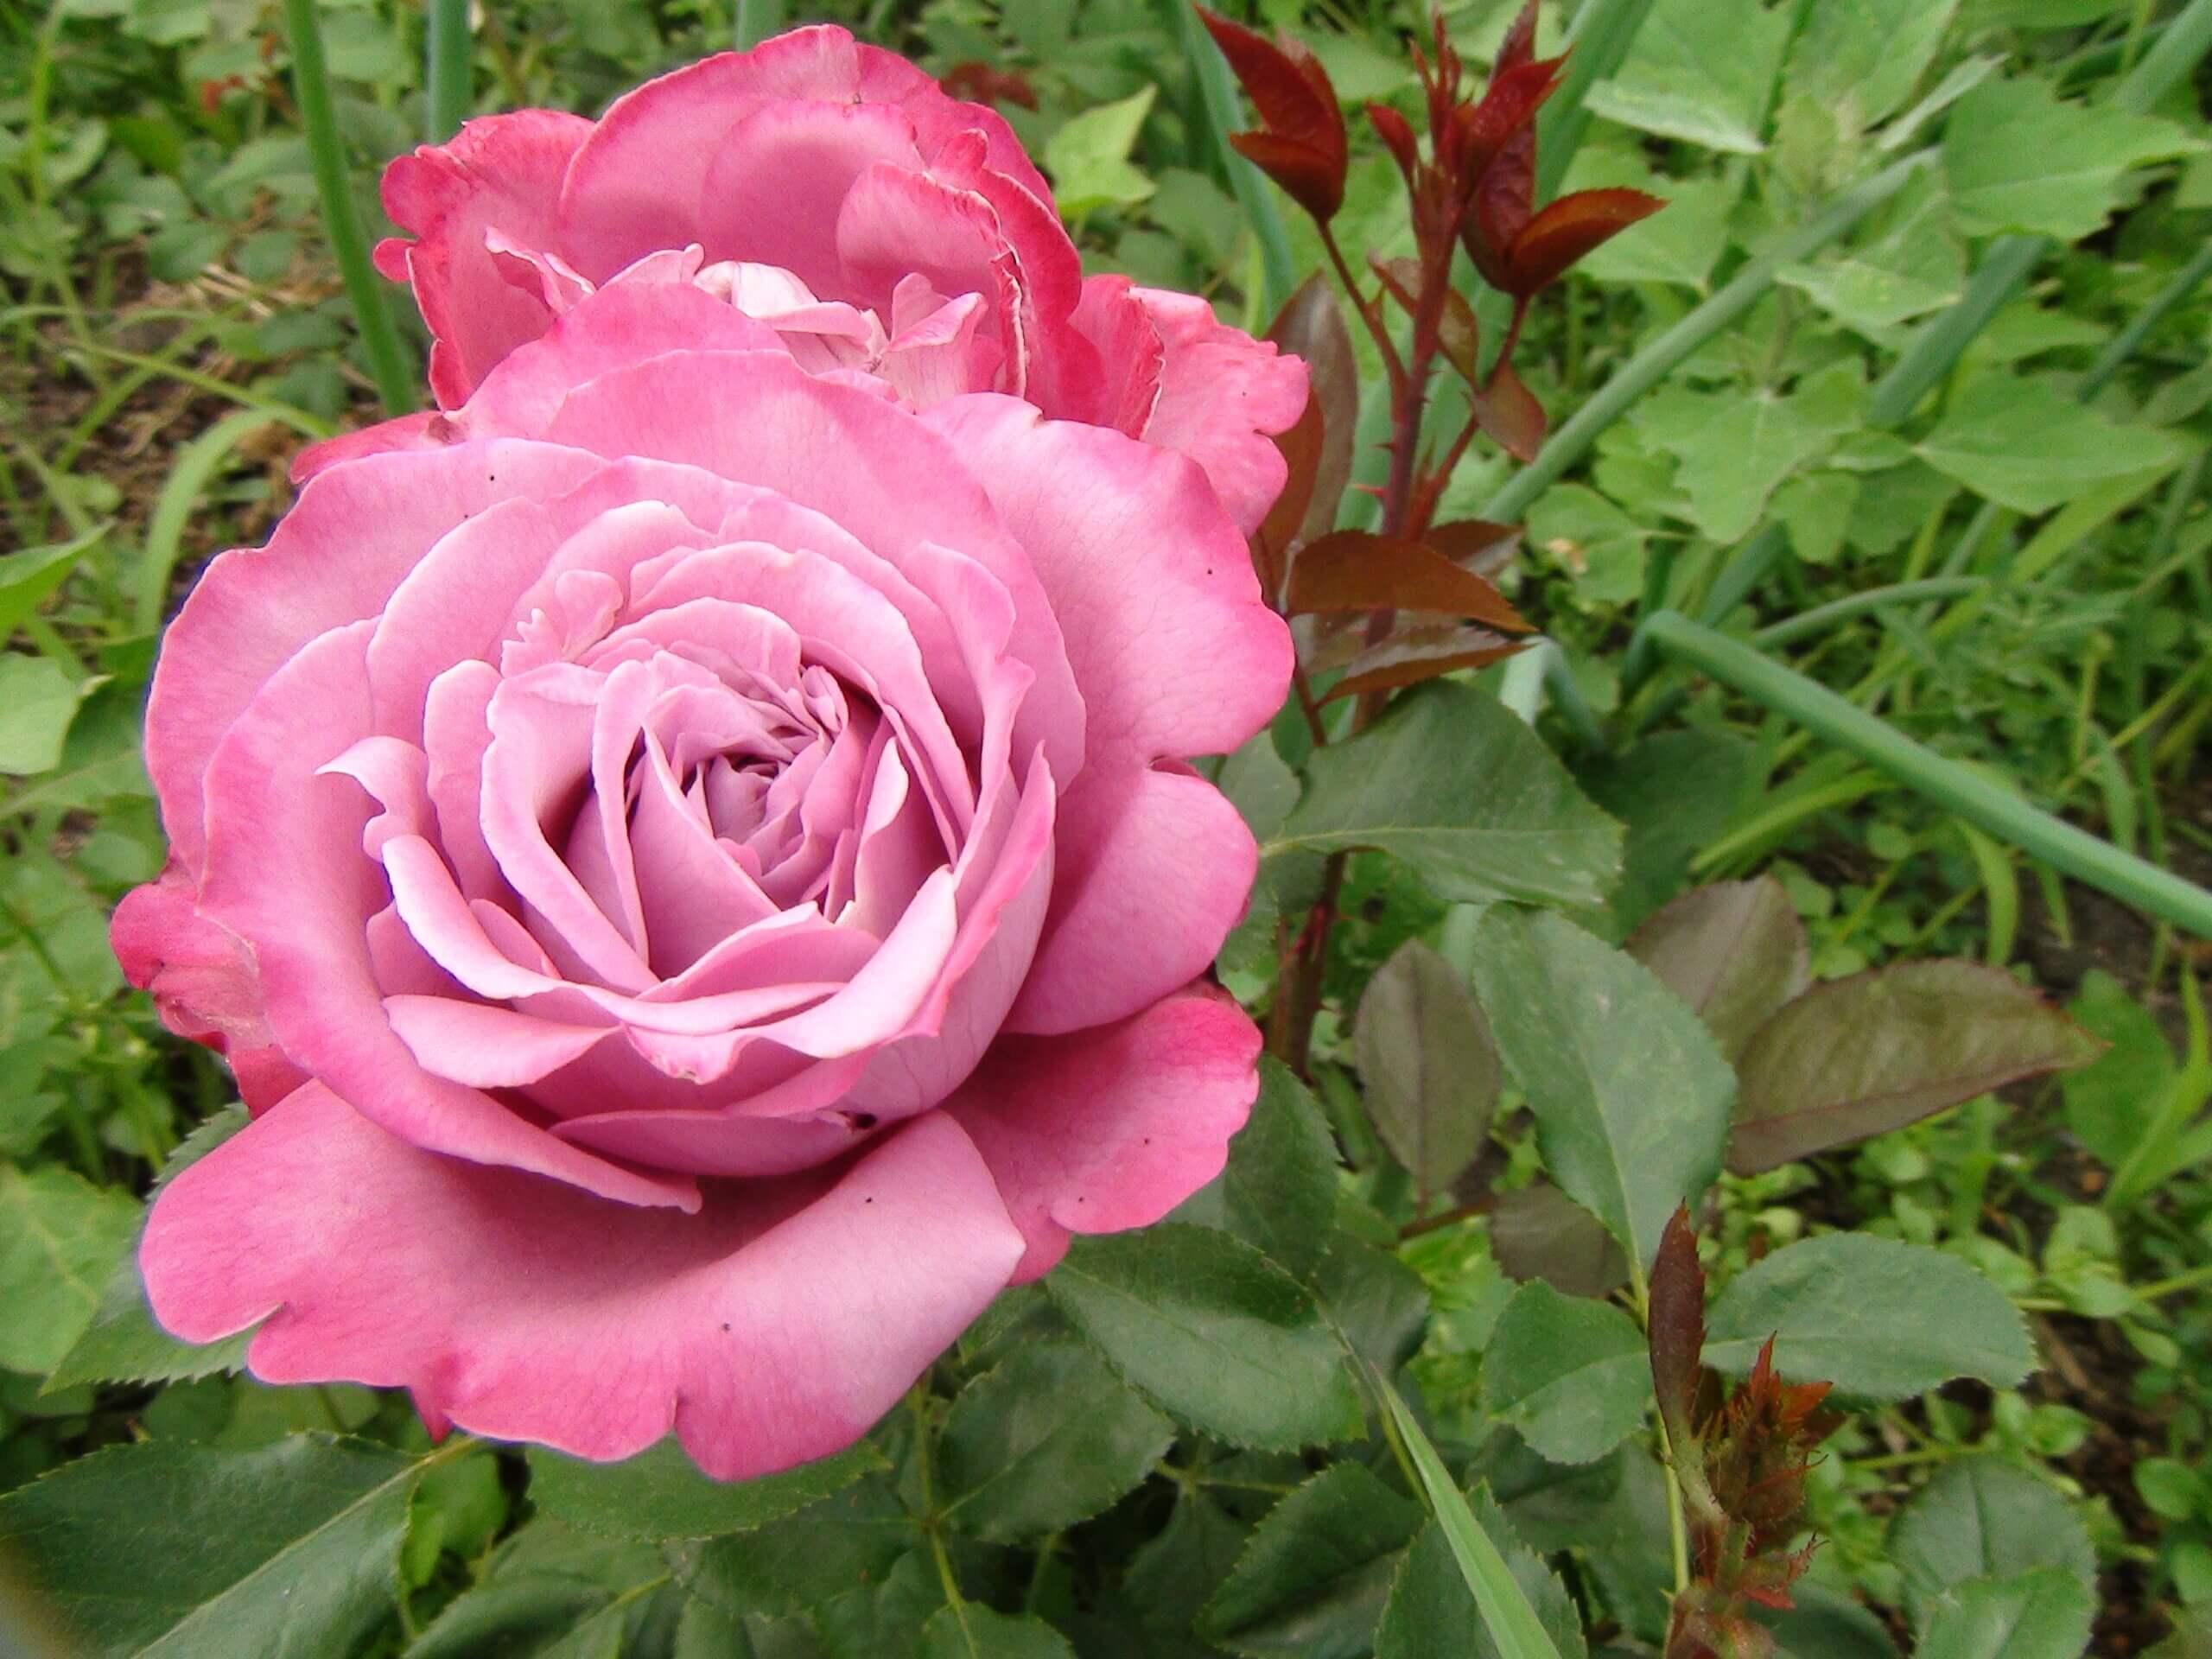 Blue River - роза с необычным окрасом и стойким сладким ароматом